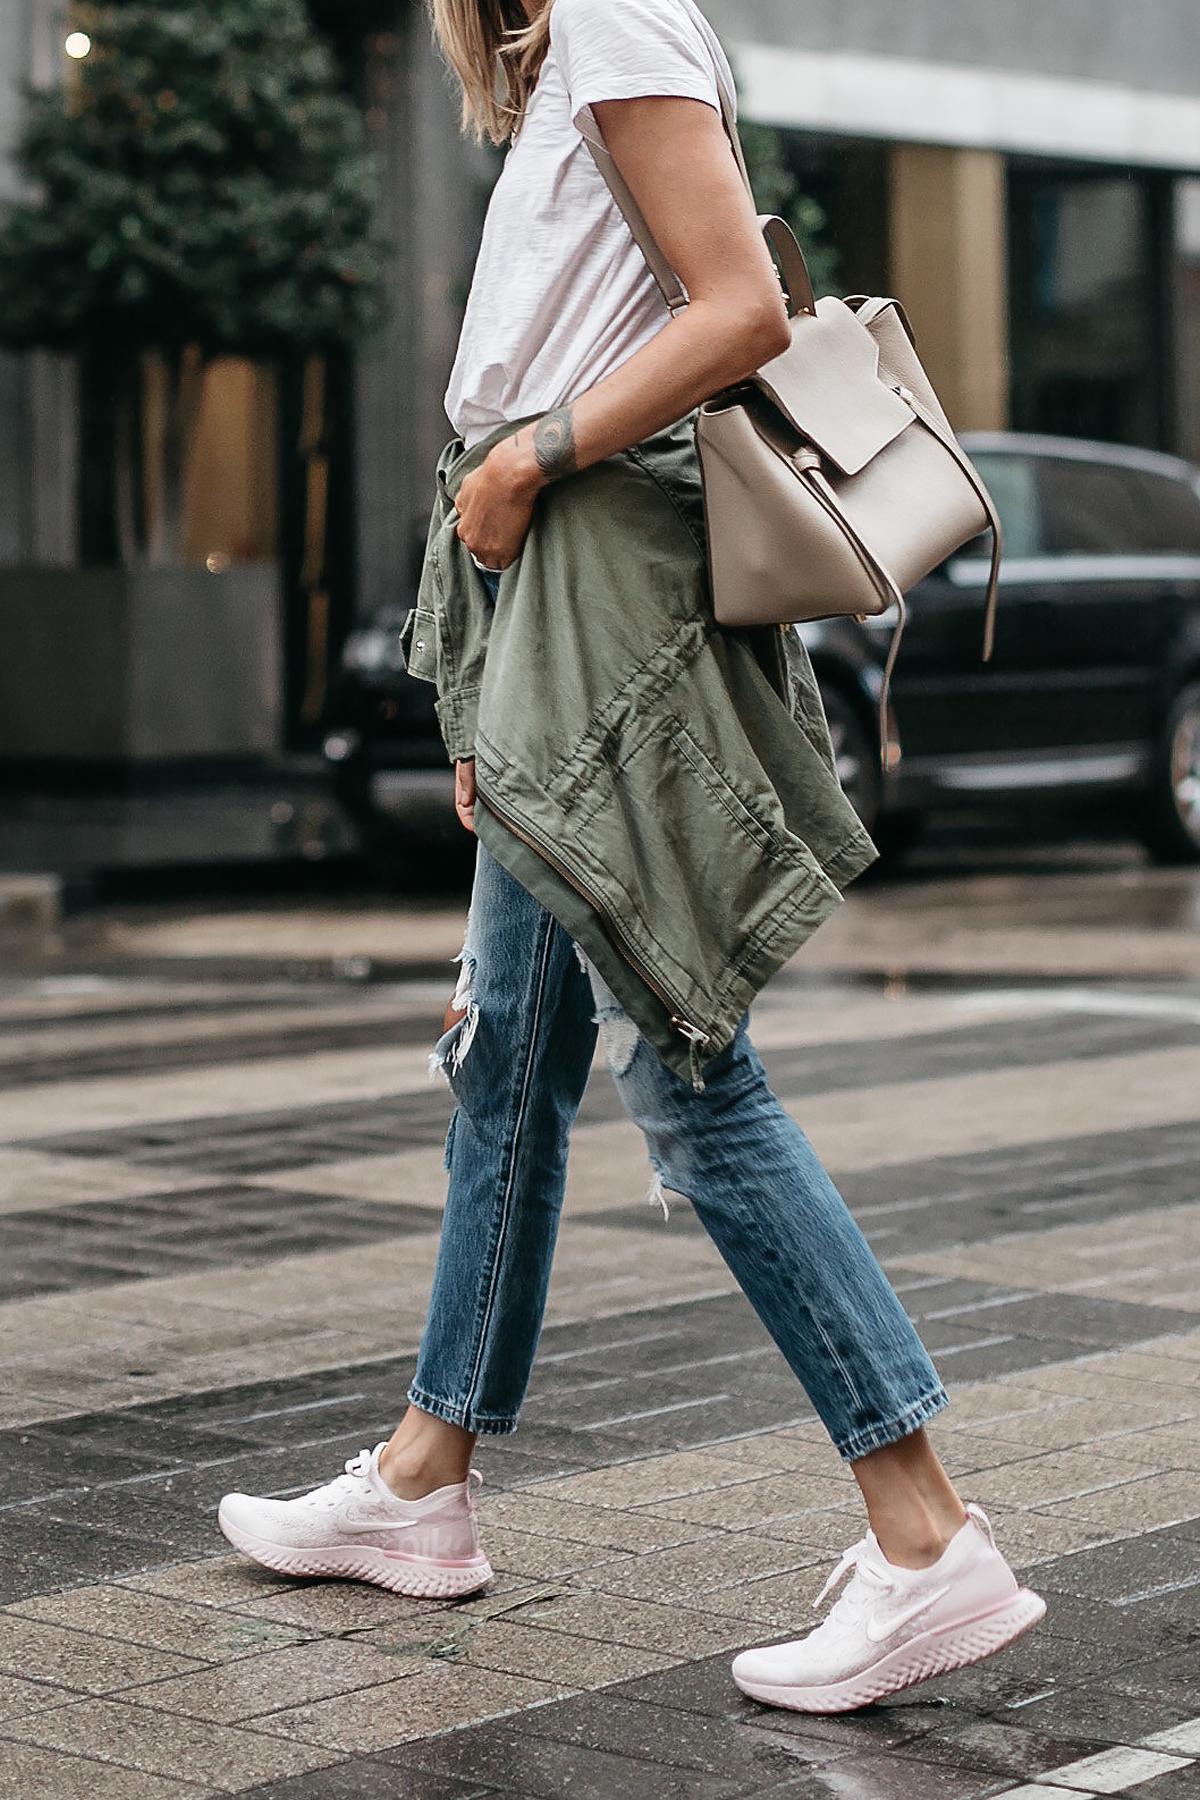 How to Wear Nike's React Shoe Every Day | Fashion Jackson